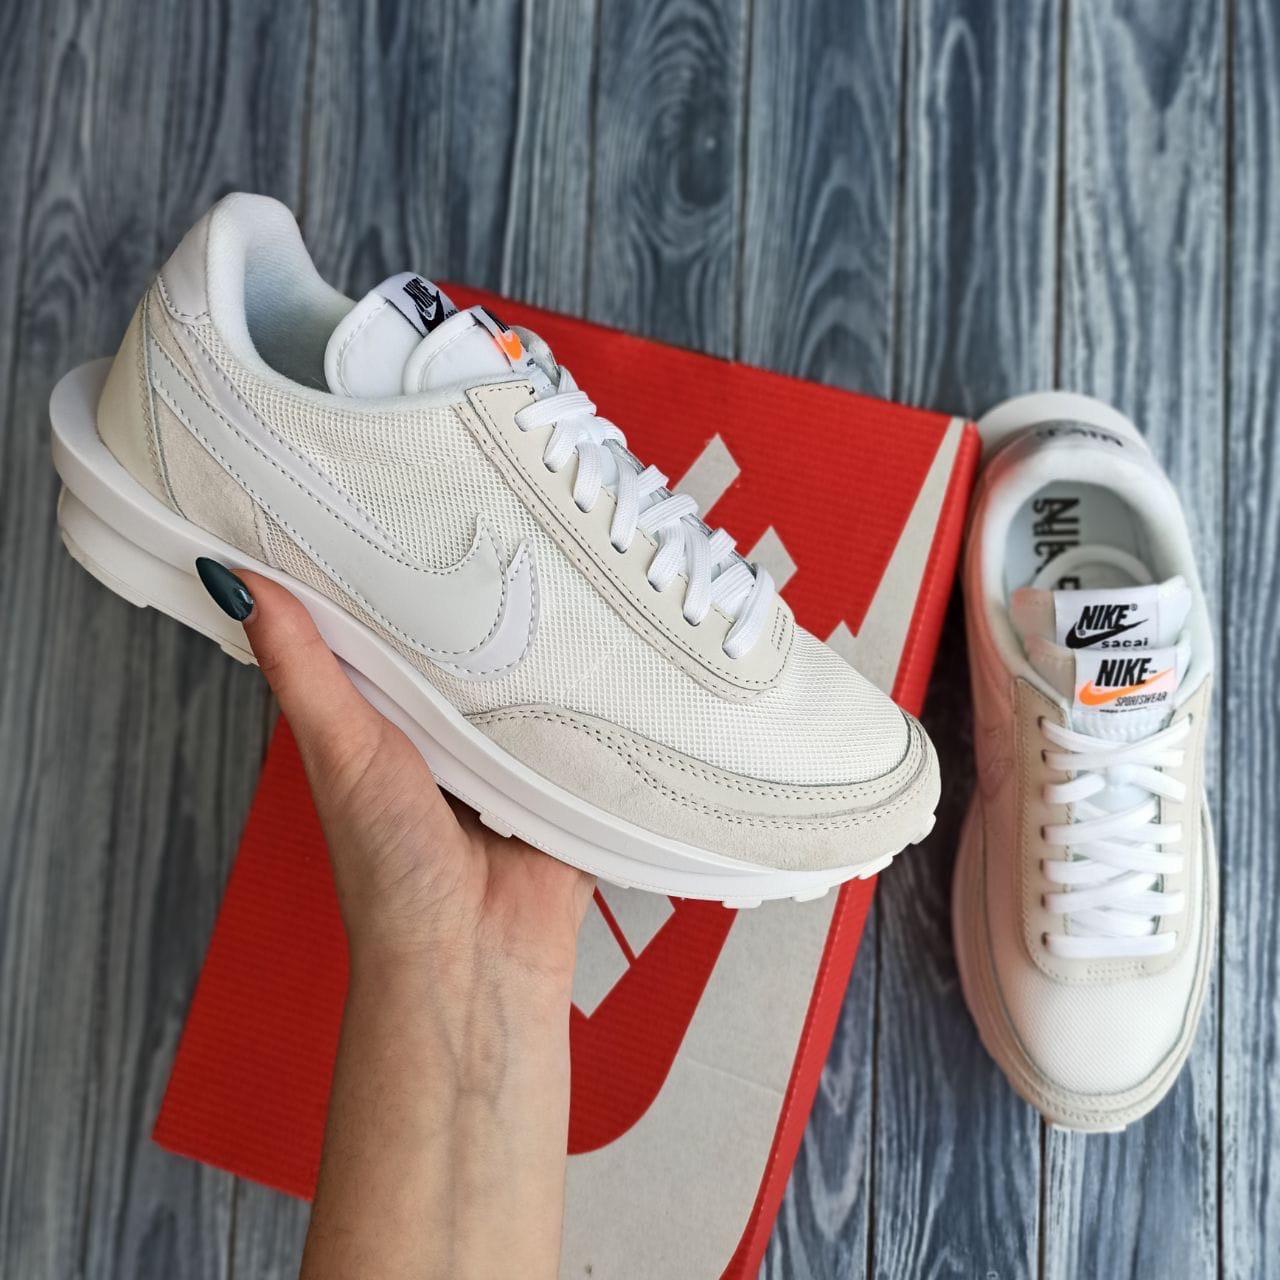 N1ke  Pegasus белые  кроссовки кросовки мужские найк кеды